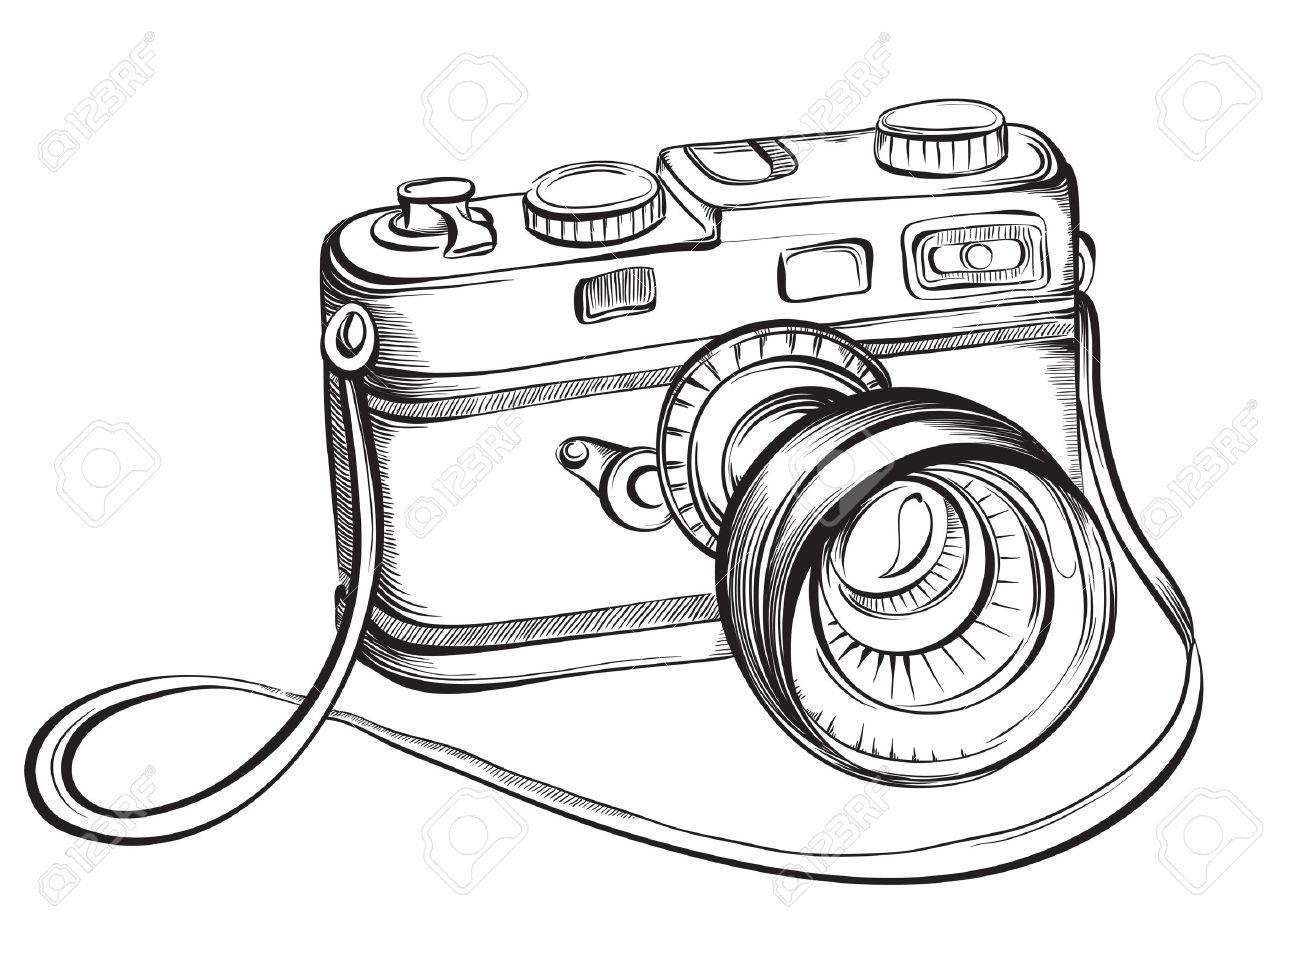 Stock Photo Kamera zeichnung, Hände zeichnen und